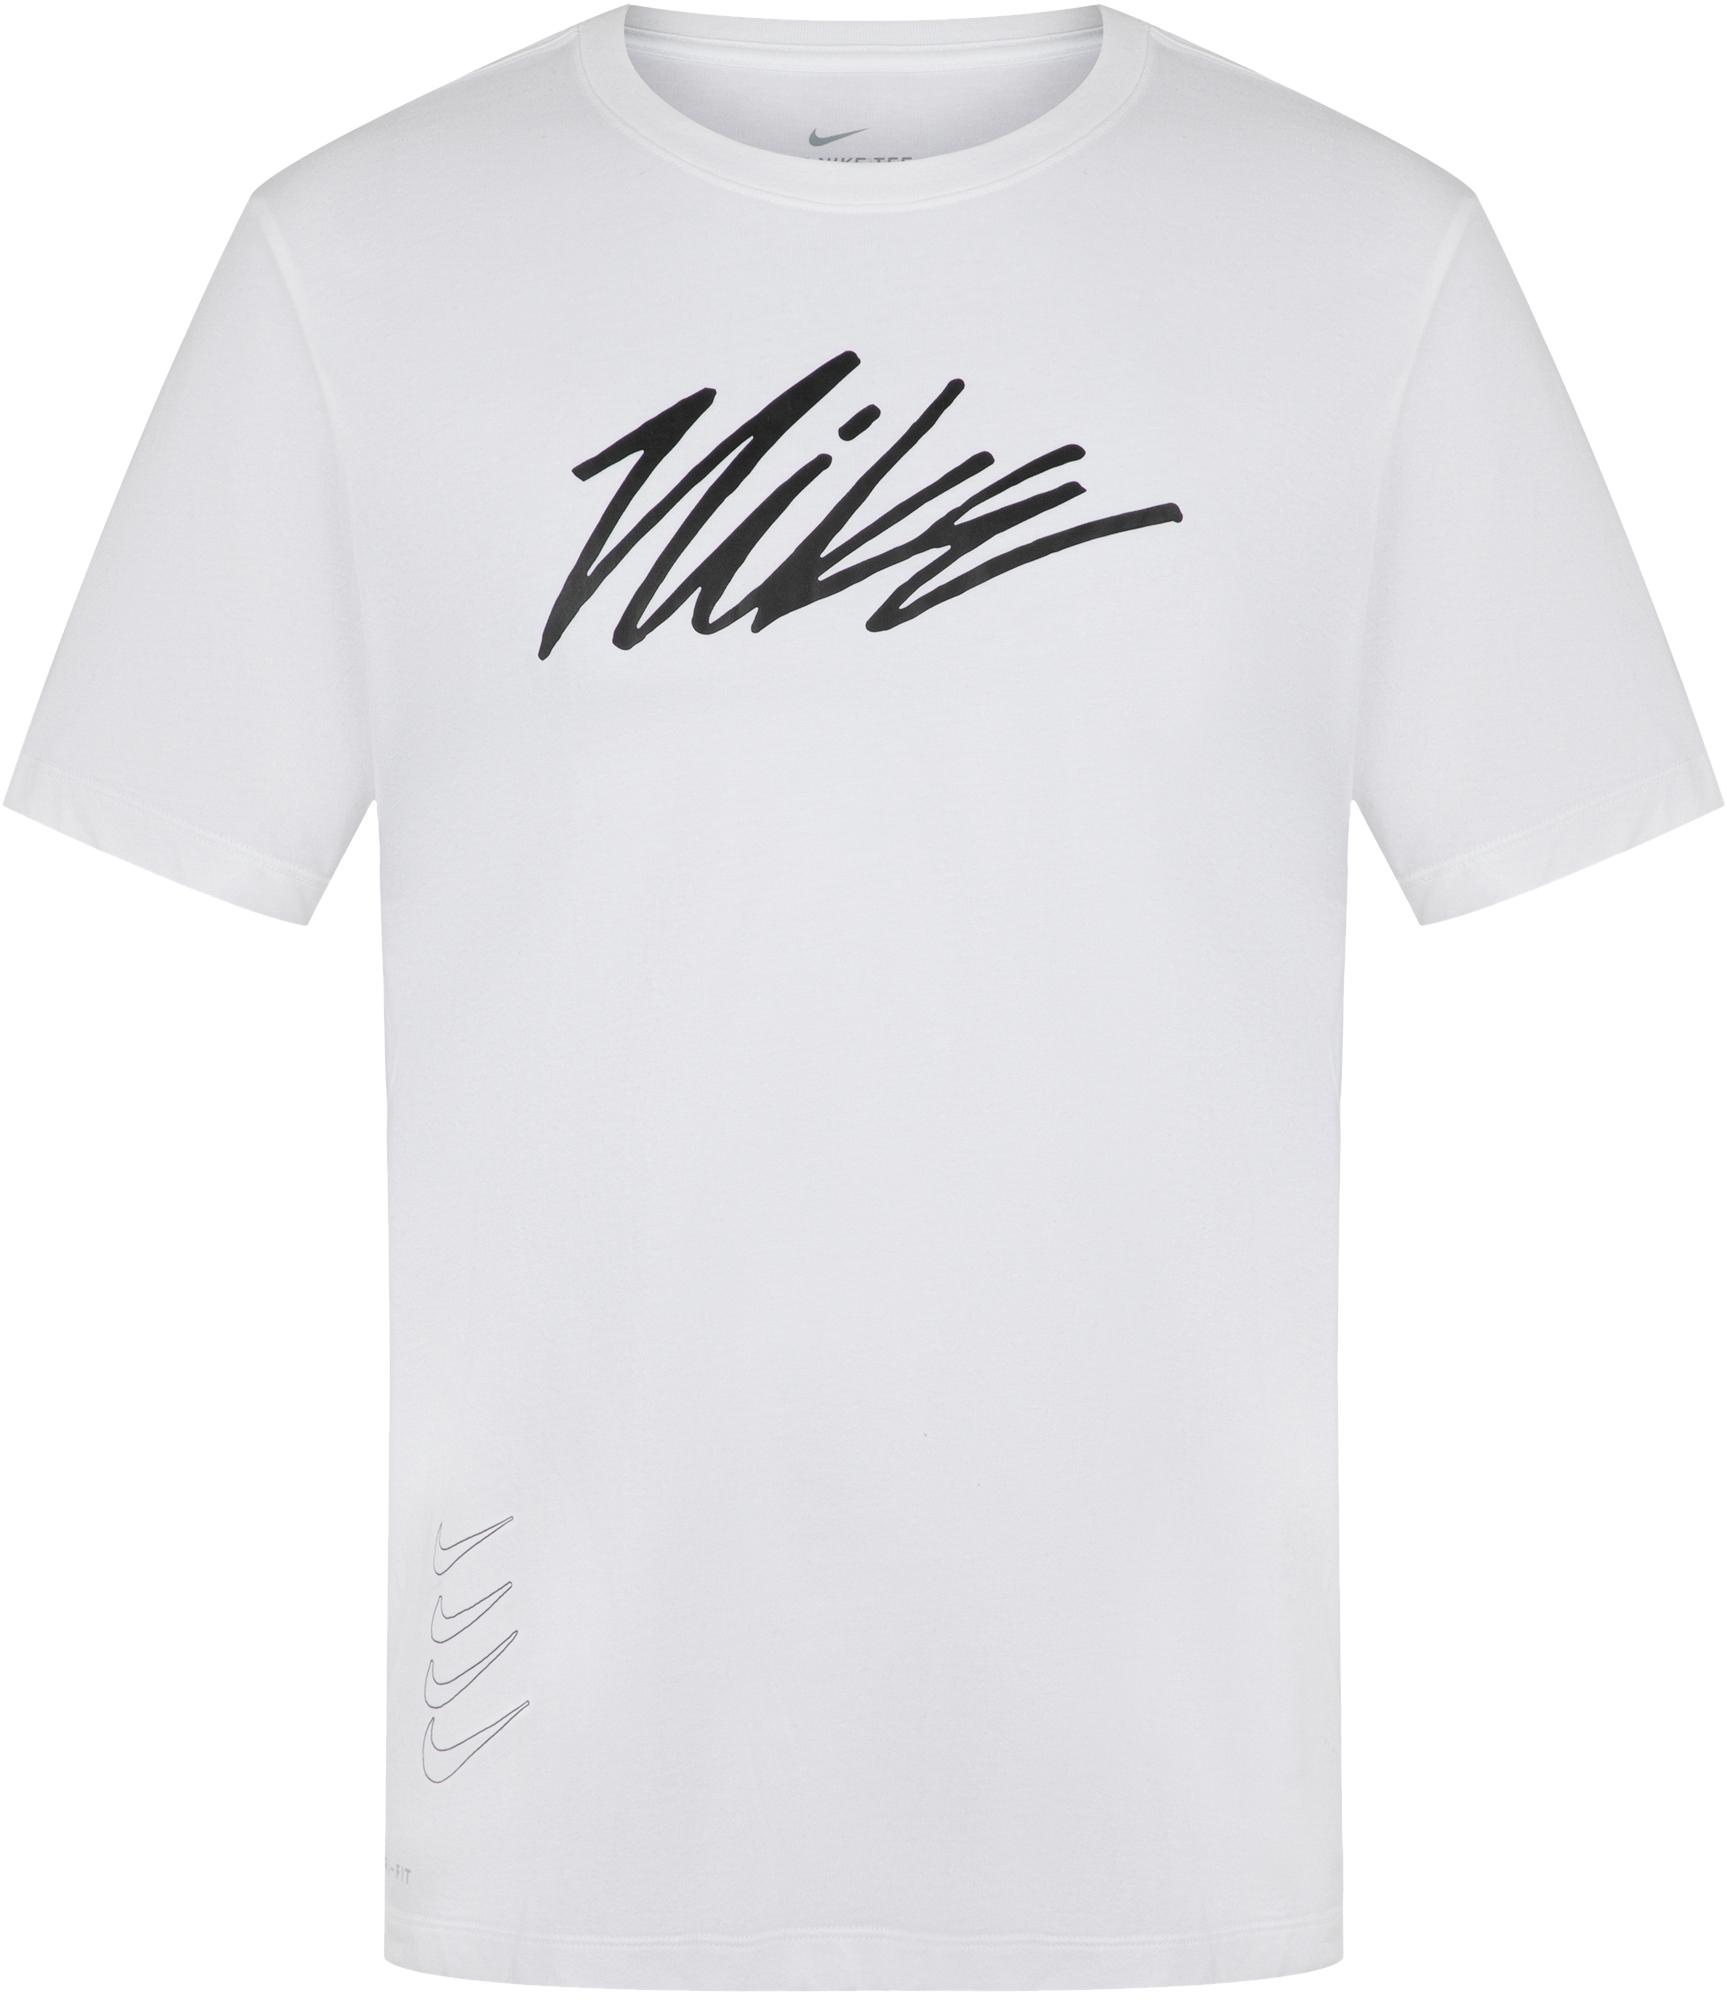 Nike Футболка мужская Nike Dri-Fit, размер 52-54 все цены